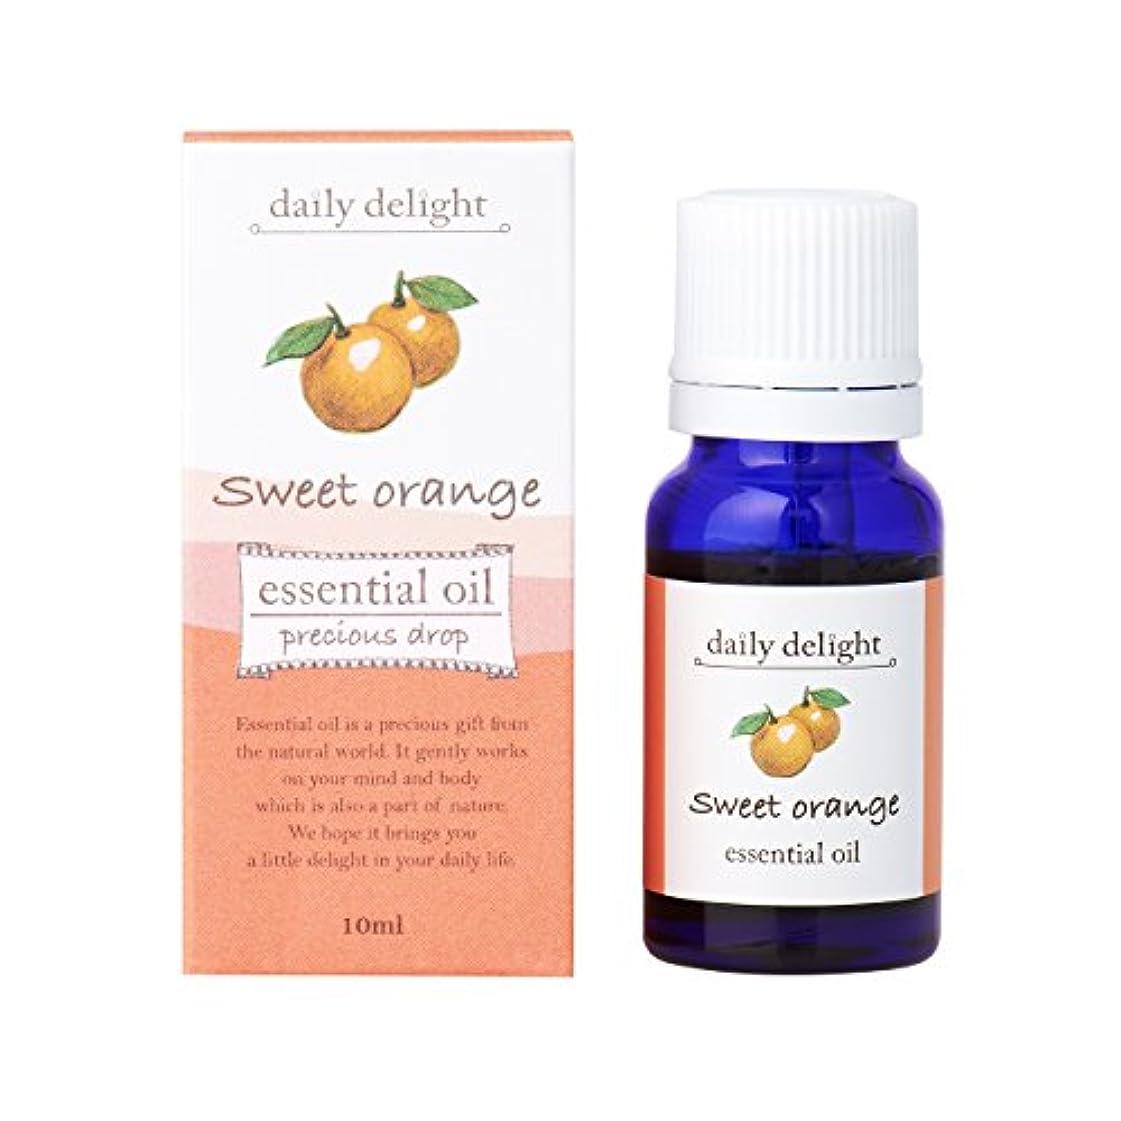 積極的にリーズスクワイアデイリーディライト エッセンシャルオイル  スイートオレンジ 10ml(天然100% 精油 アロマ 柑橘系 フルーティで甘く爽やかな香り)